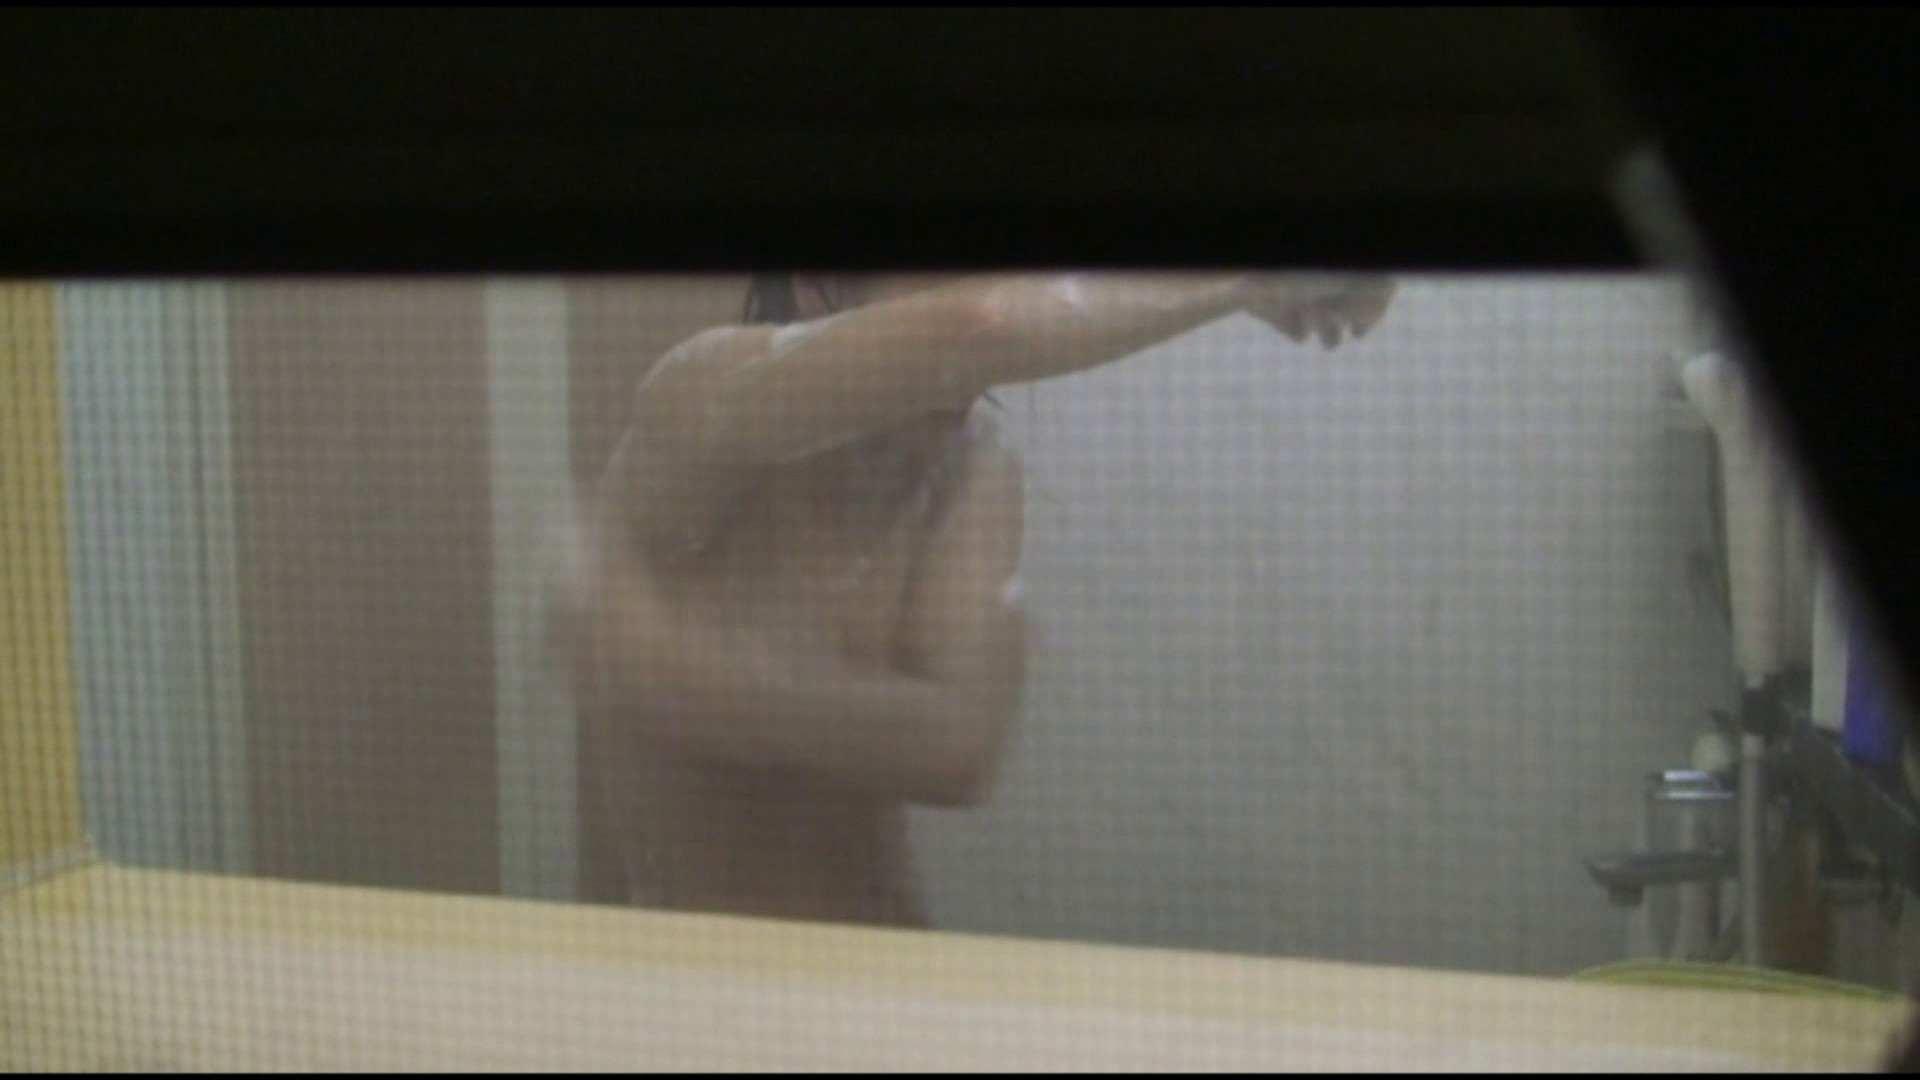 vol.04巨乳美人のおっぱいがプルルンッと弾けてます!風呂上りも必見 女体盗撮 隠し撮りAV無料 105連発 87